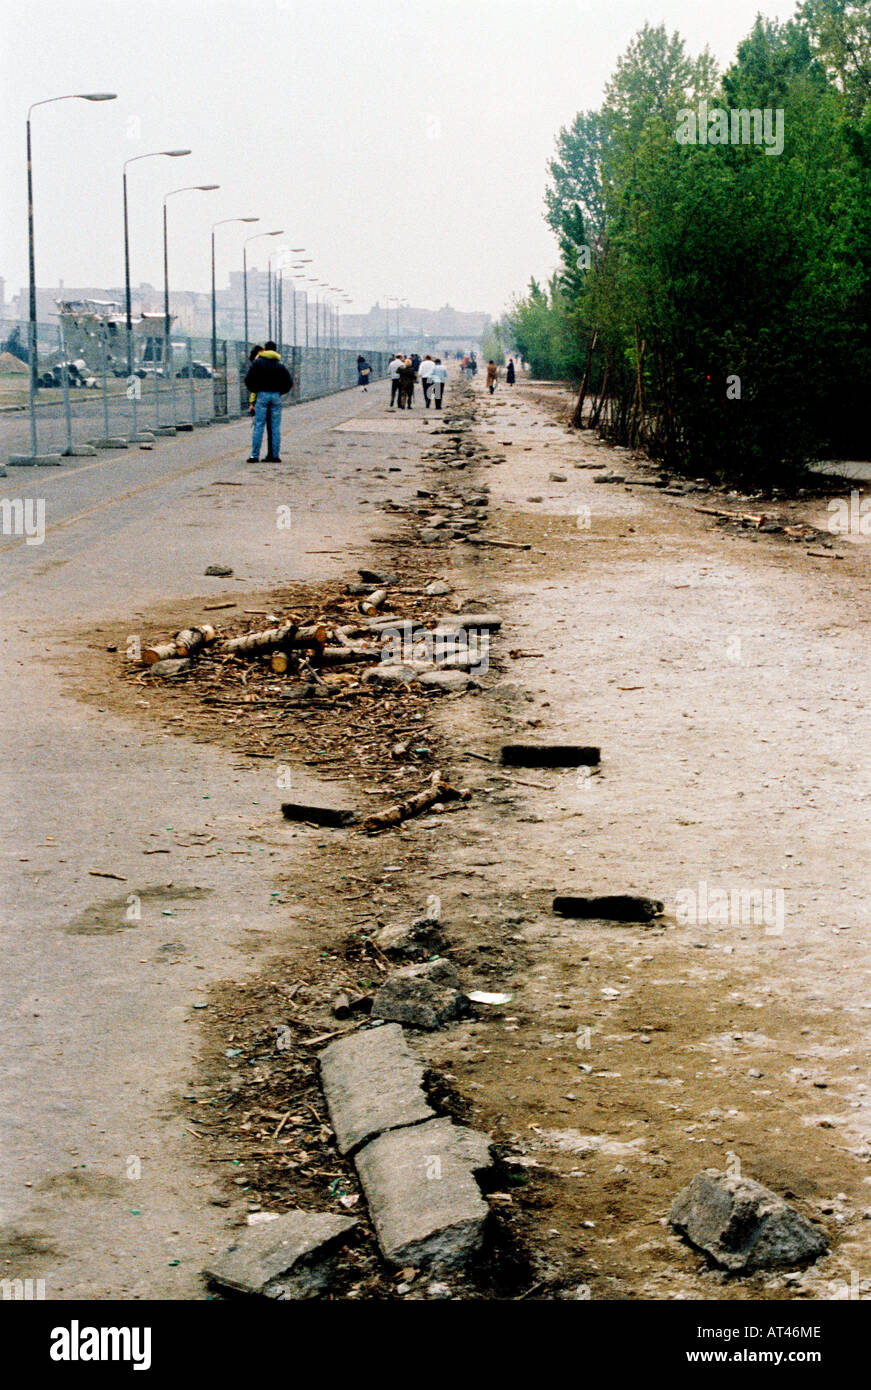 La chute du mur de Berlin, 1989. Les vestiges du Mur de Berlin histoire Archives historiques Photo Stock